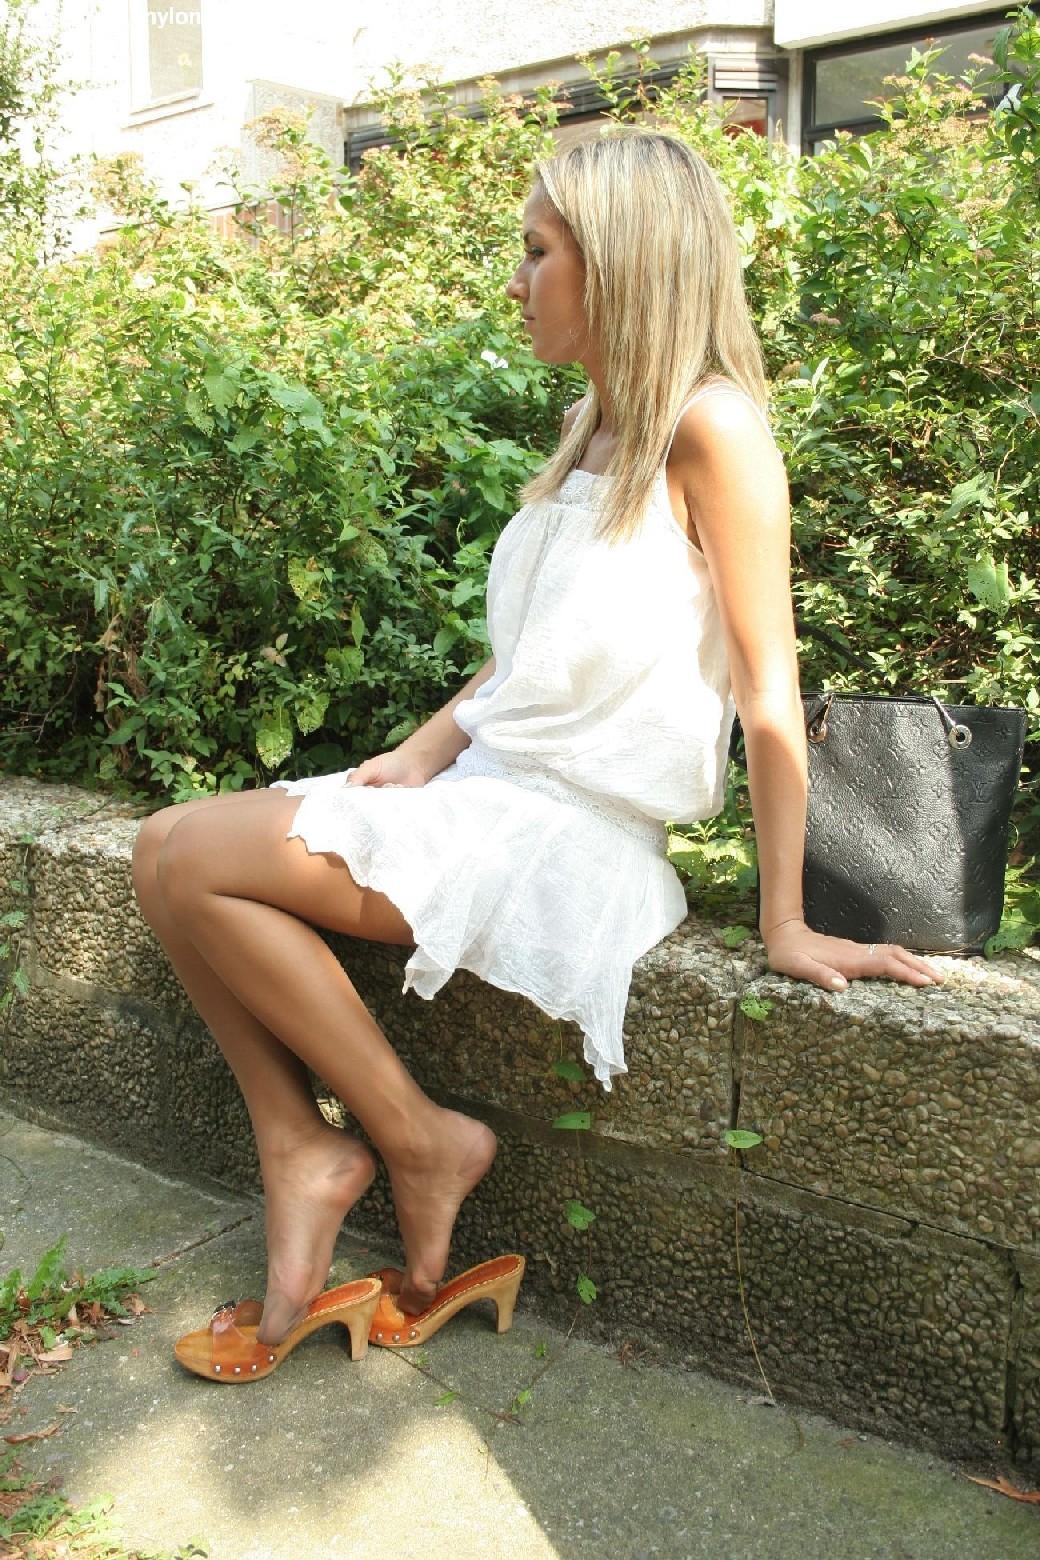 Горячую блондинку везде фотографировали в дворике